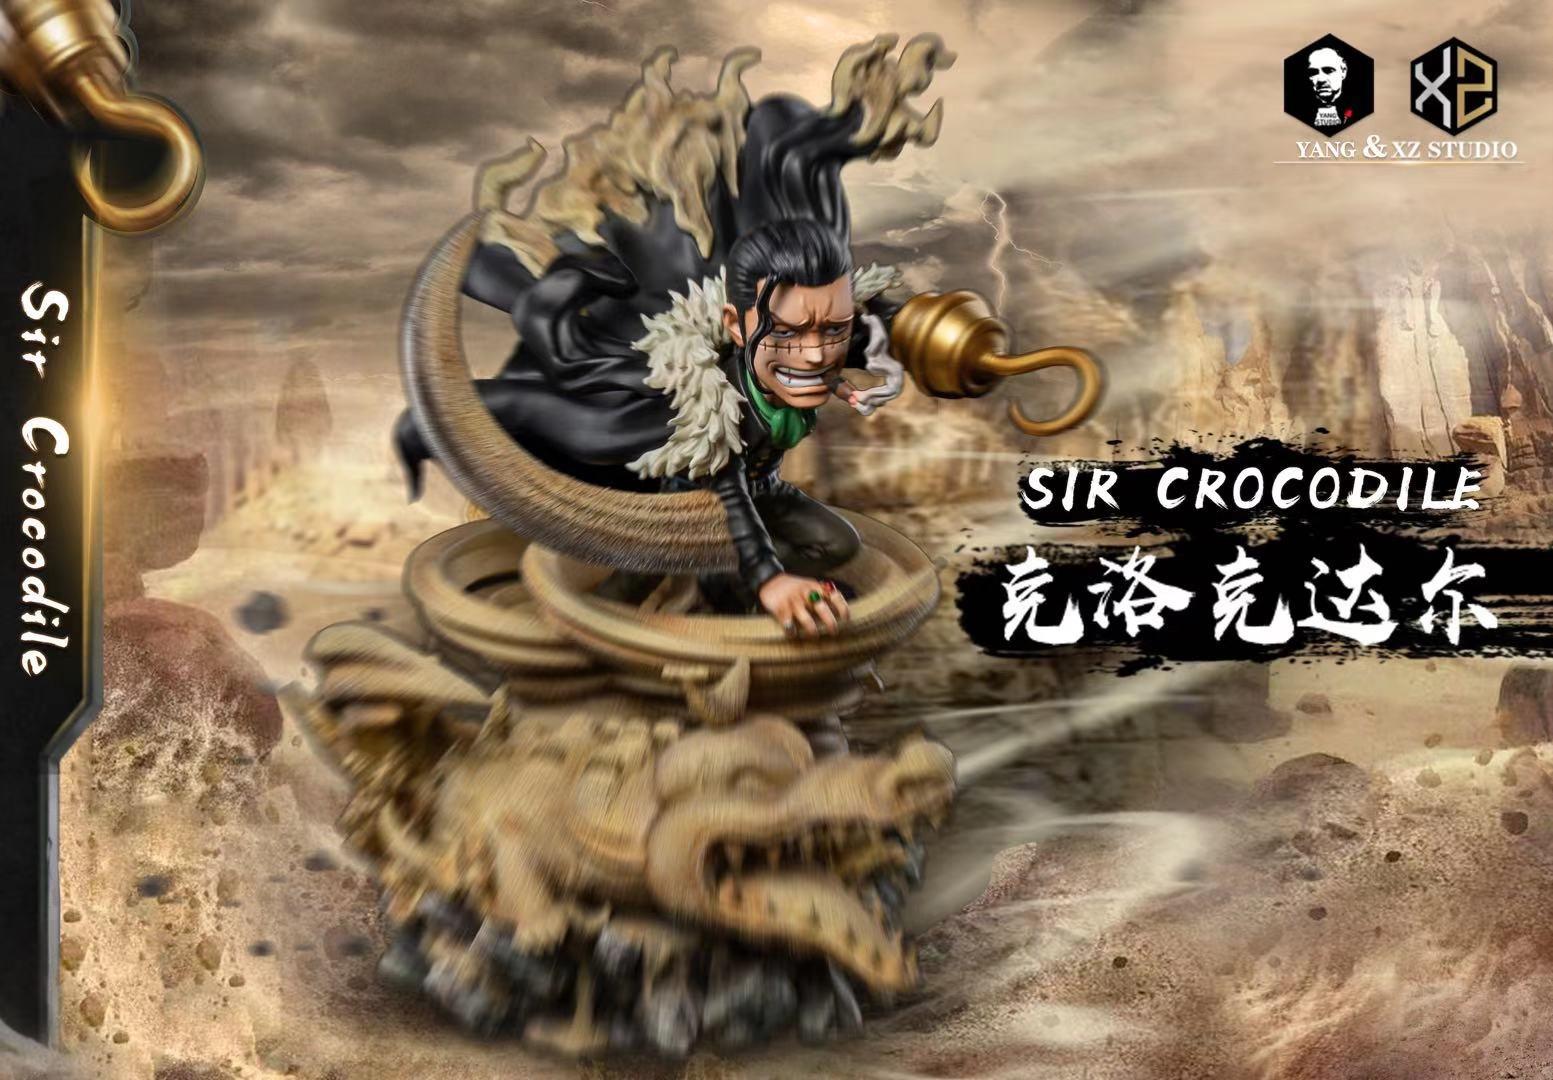 คร๊อกโคไดล์ Crocodile XZ x Yang Studio (มัดจำ) [[SOLD OUT]]